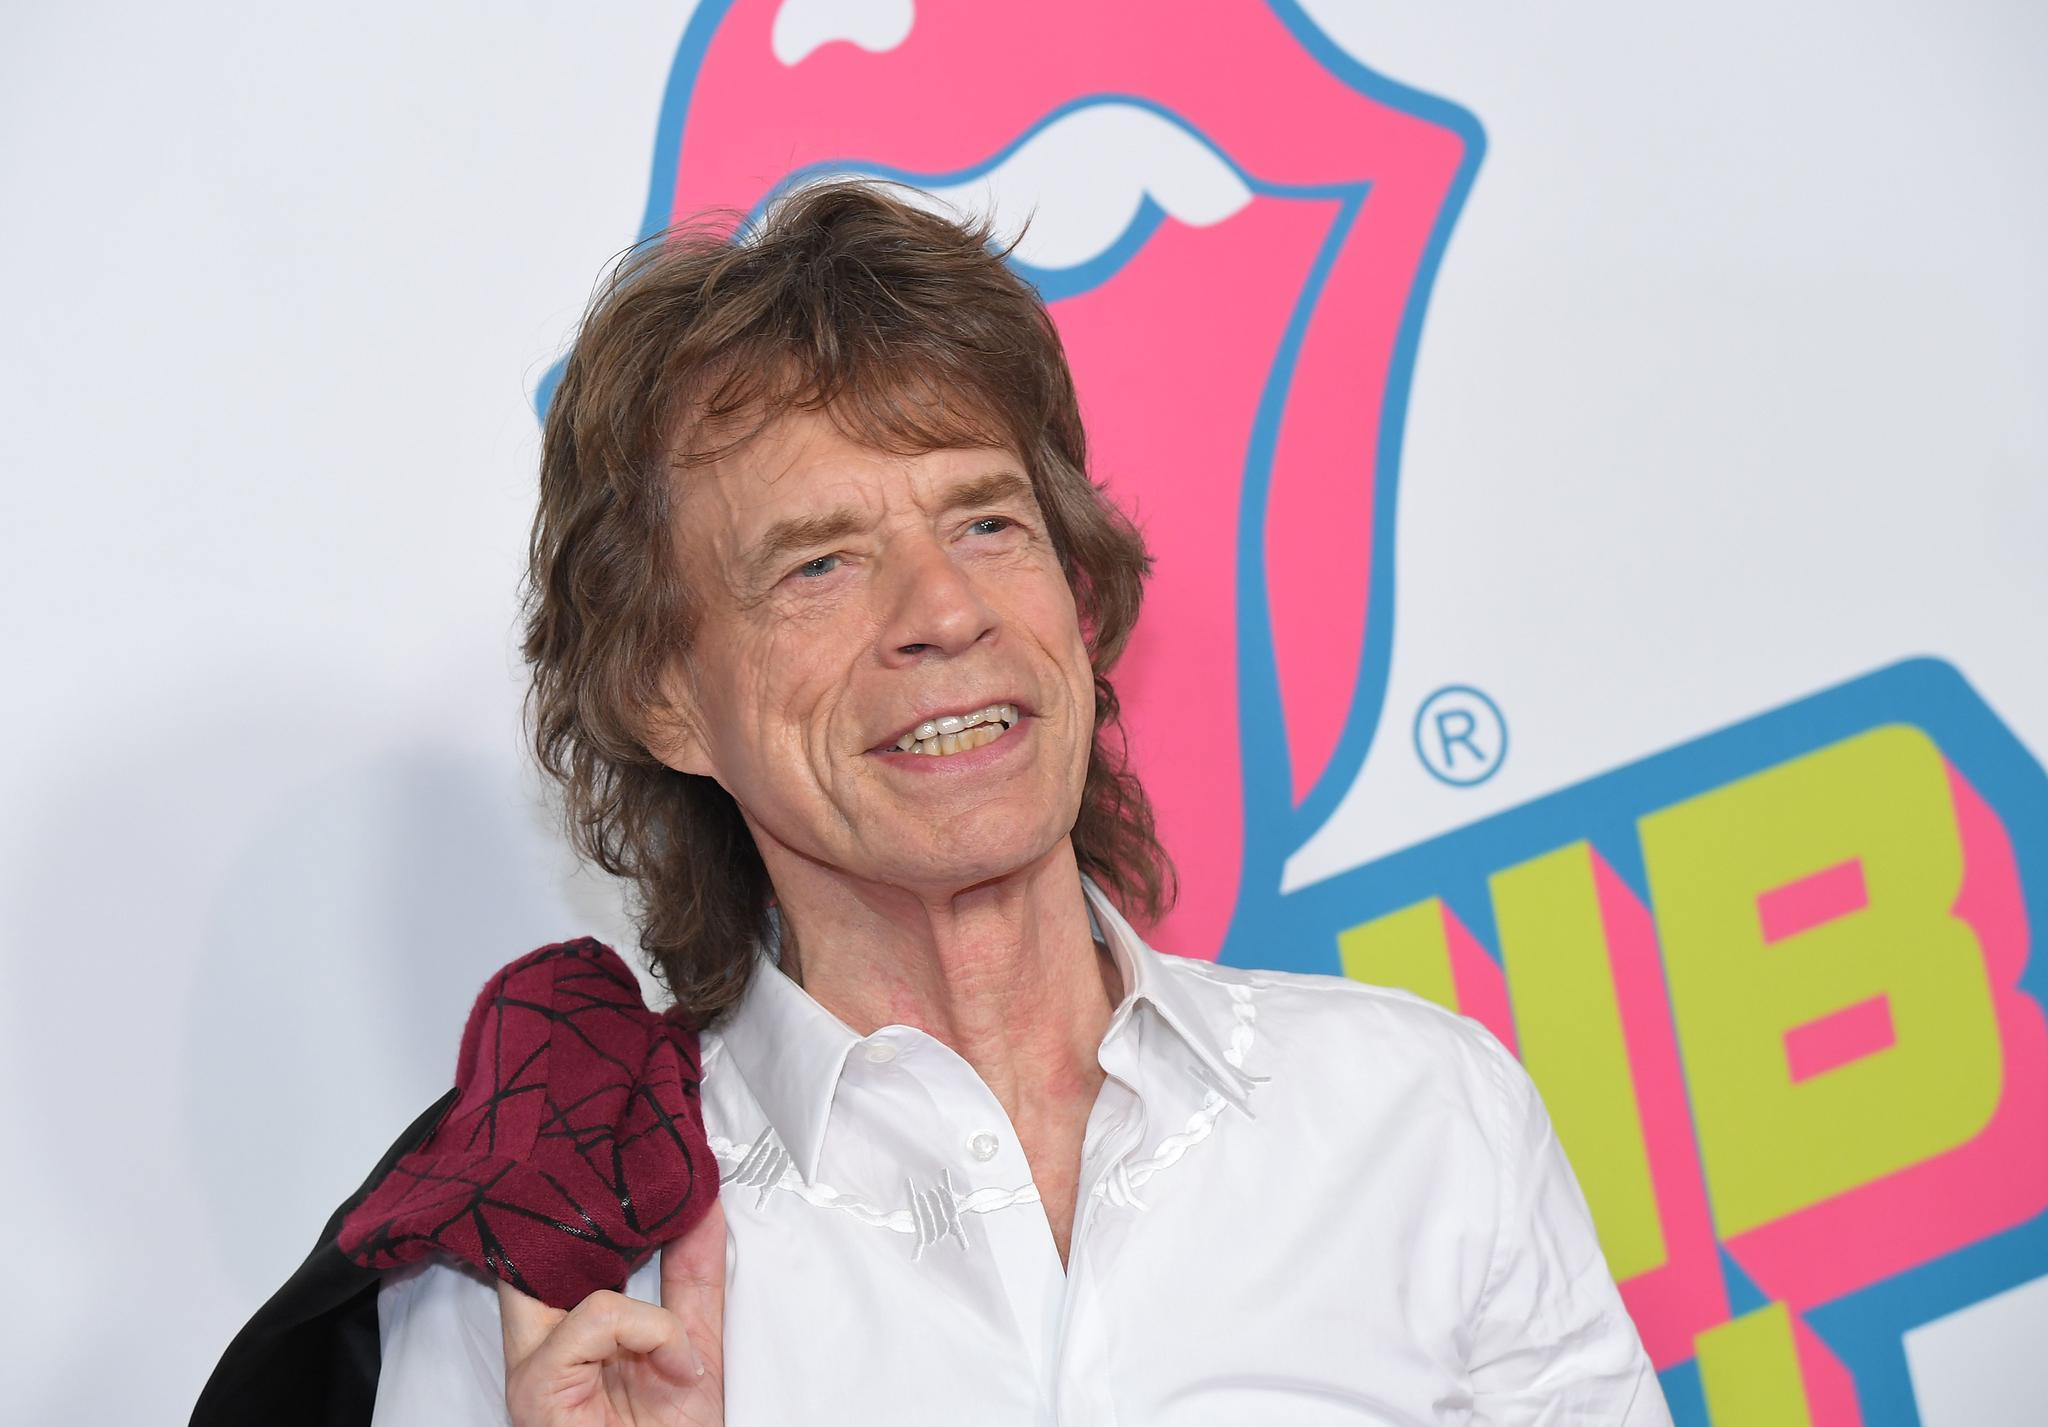 Nach Klinik-Aufenthalt: Mick Jagger postet Foto im Park